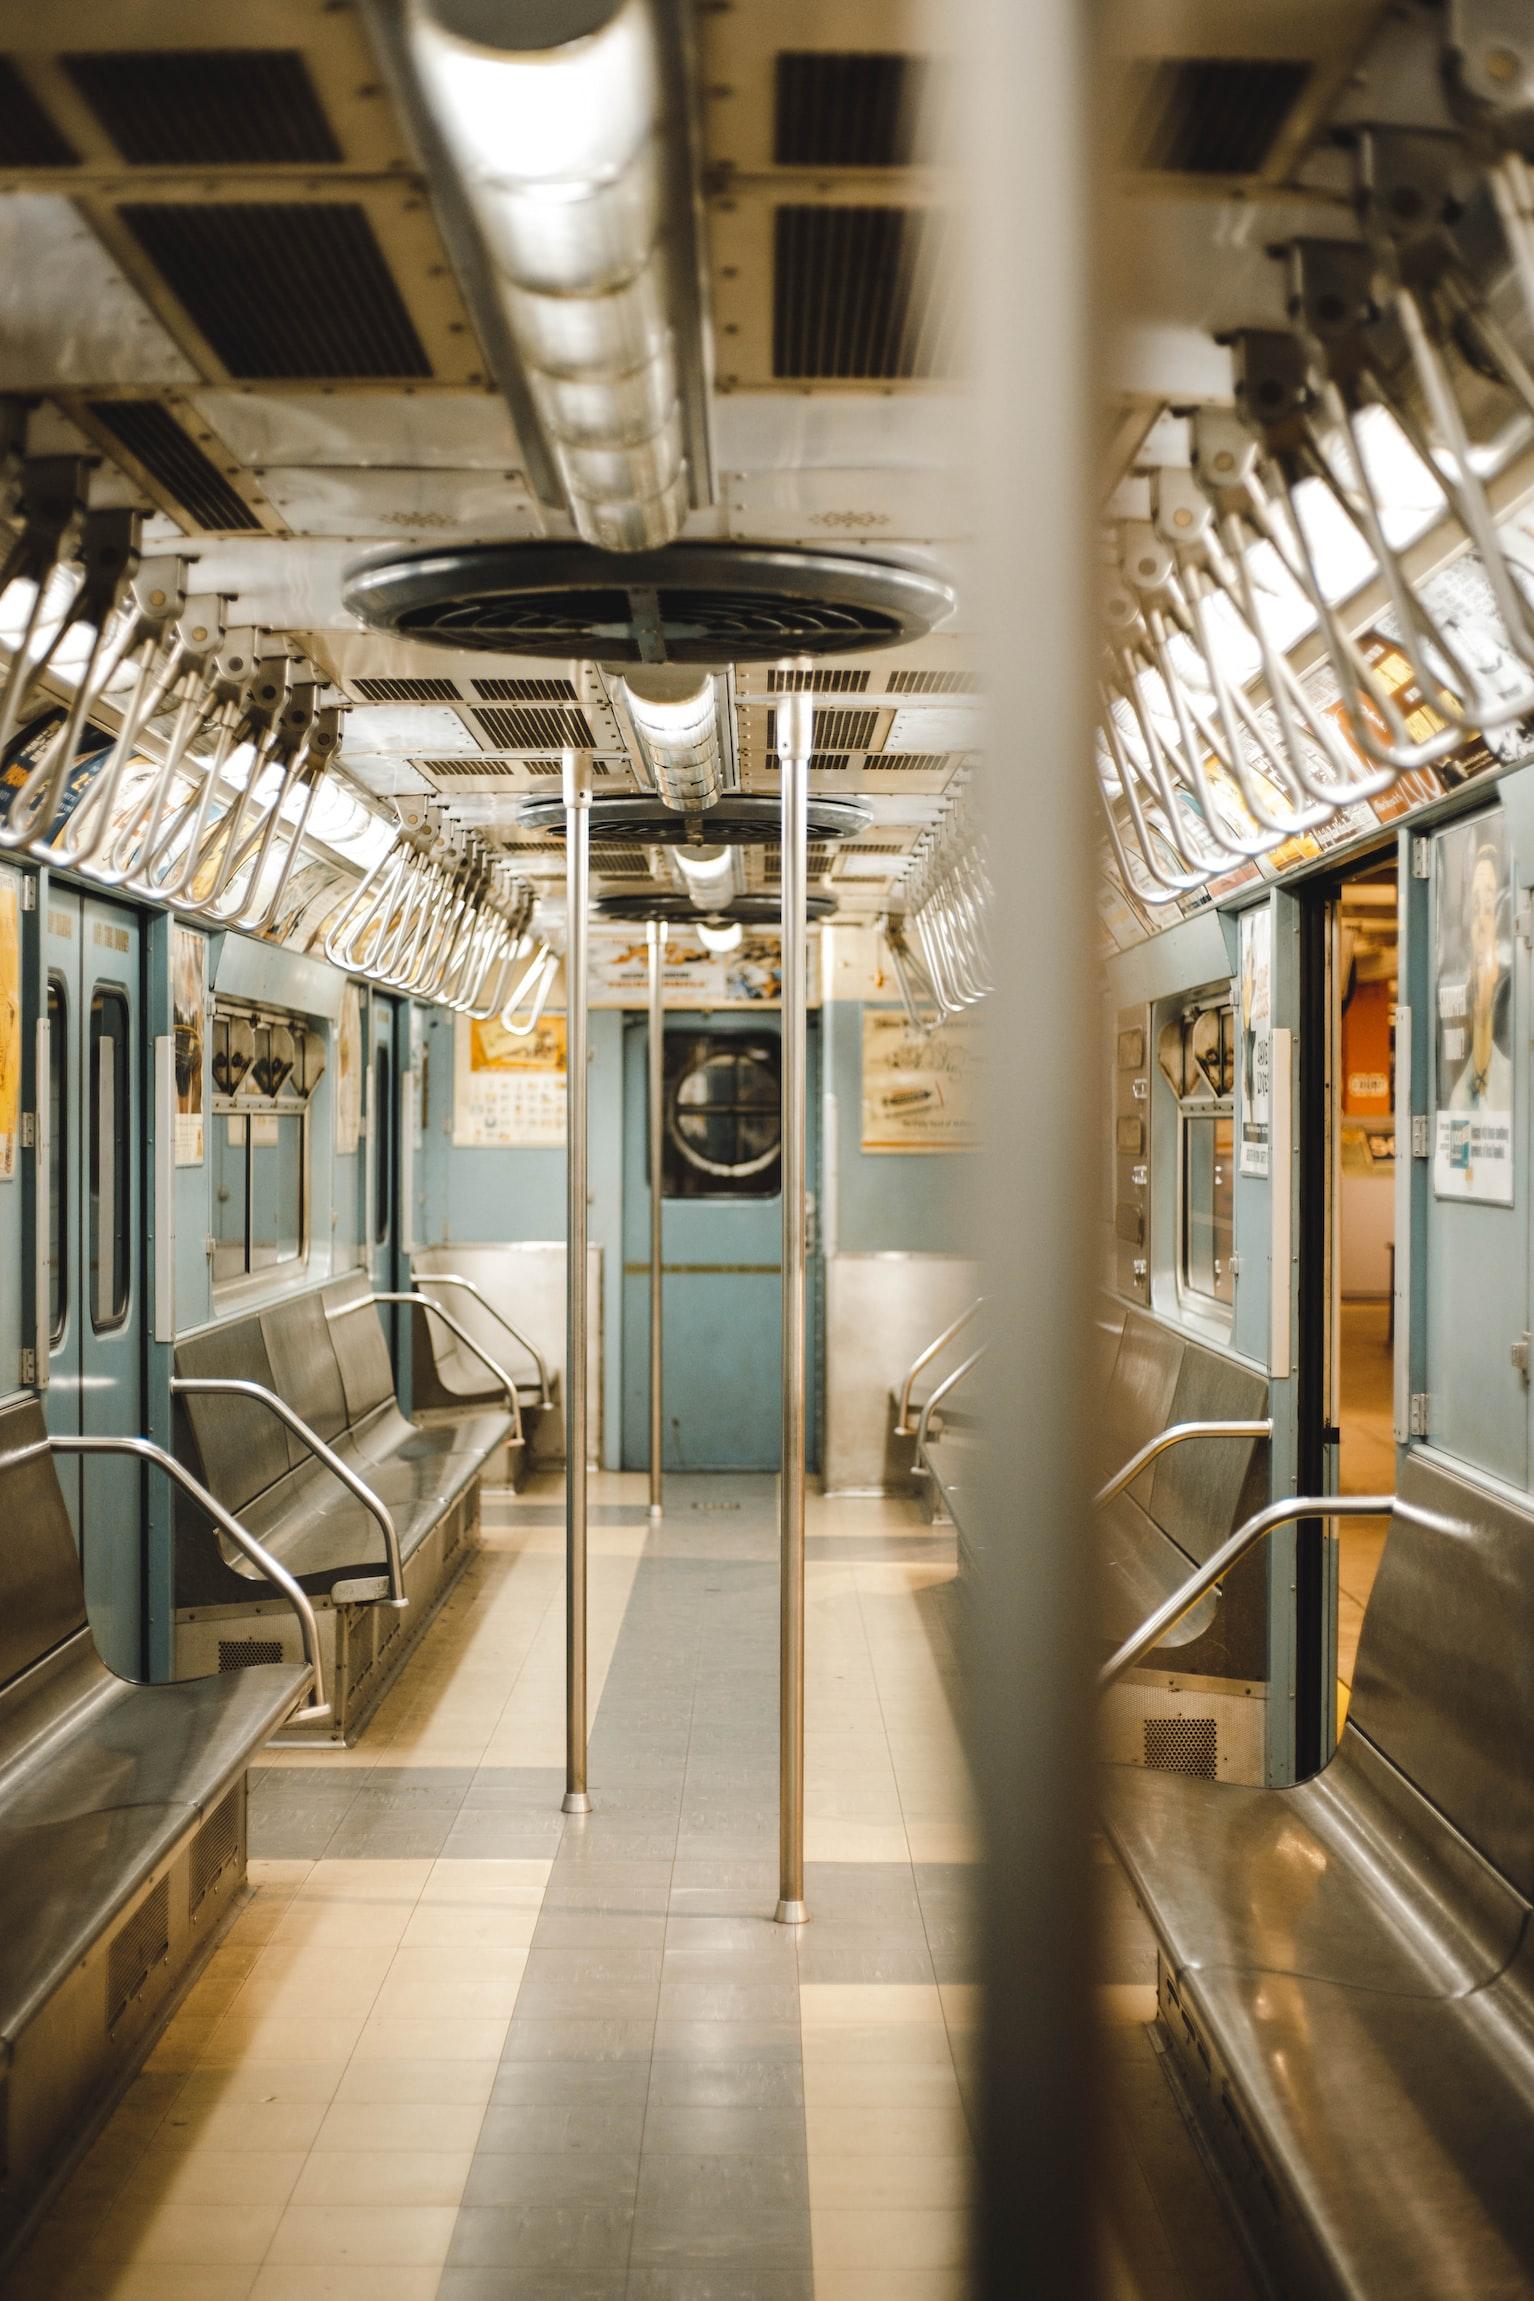 Intérieur d'un Train. | Photo : Unsplash